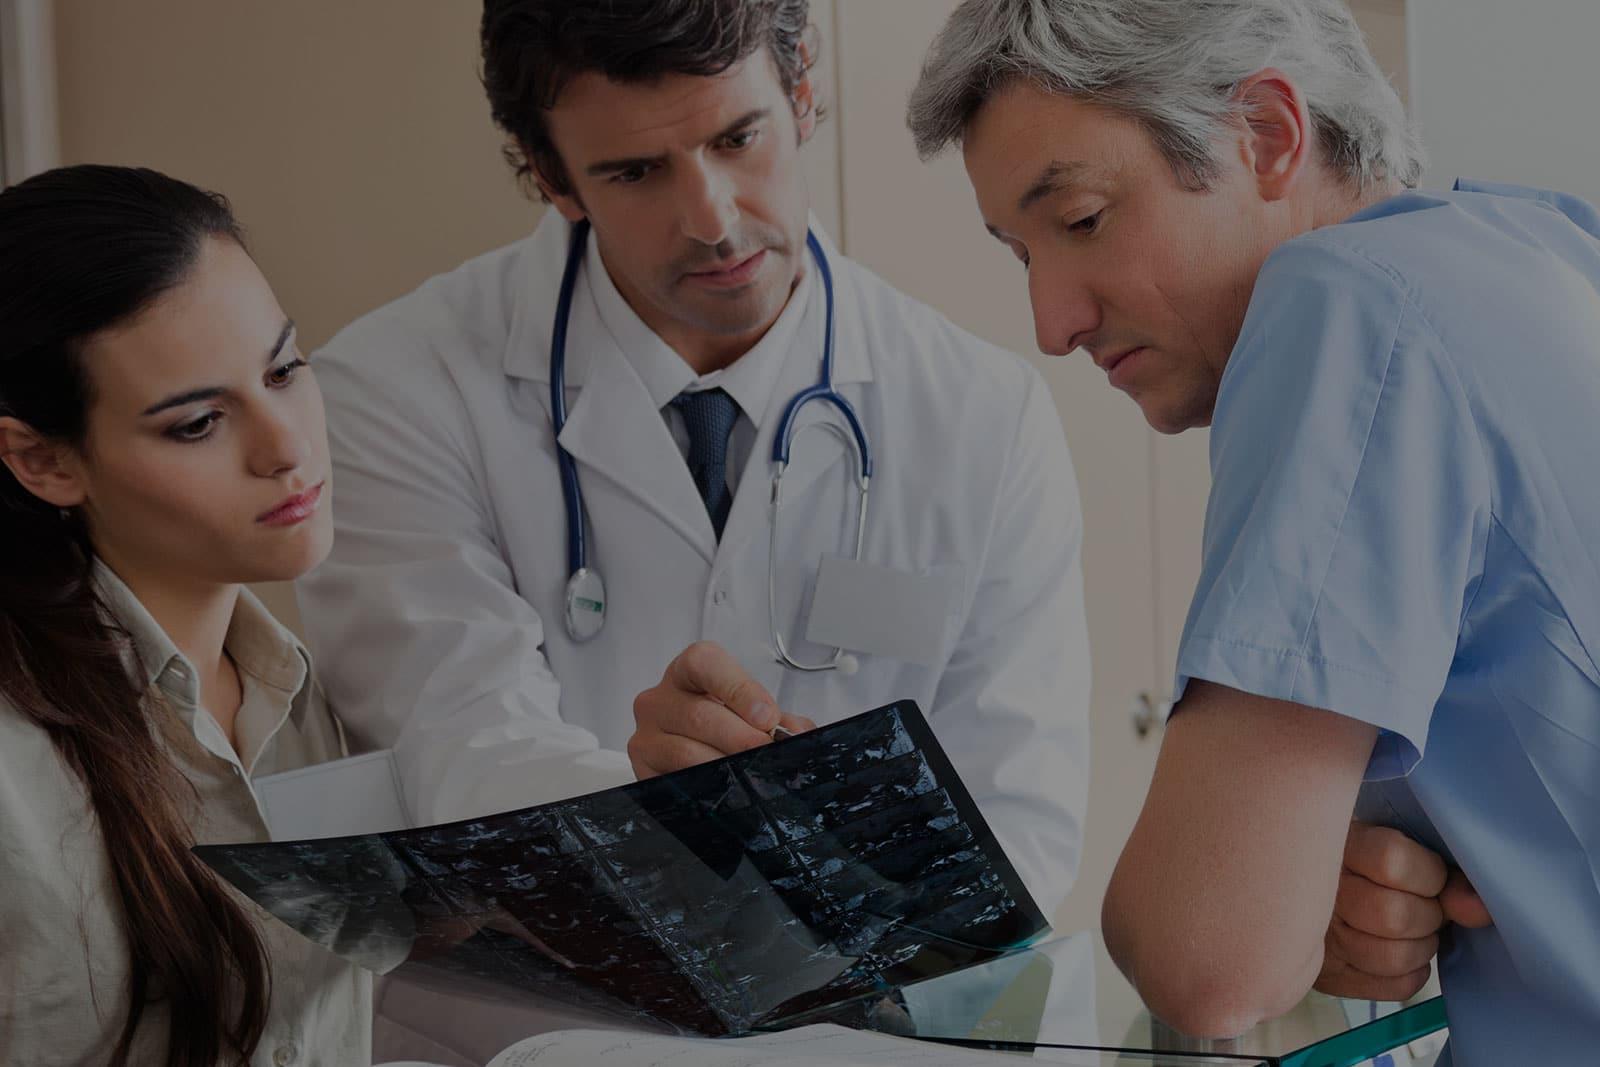 medical malpractice lawyers utah